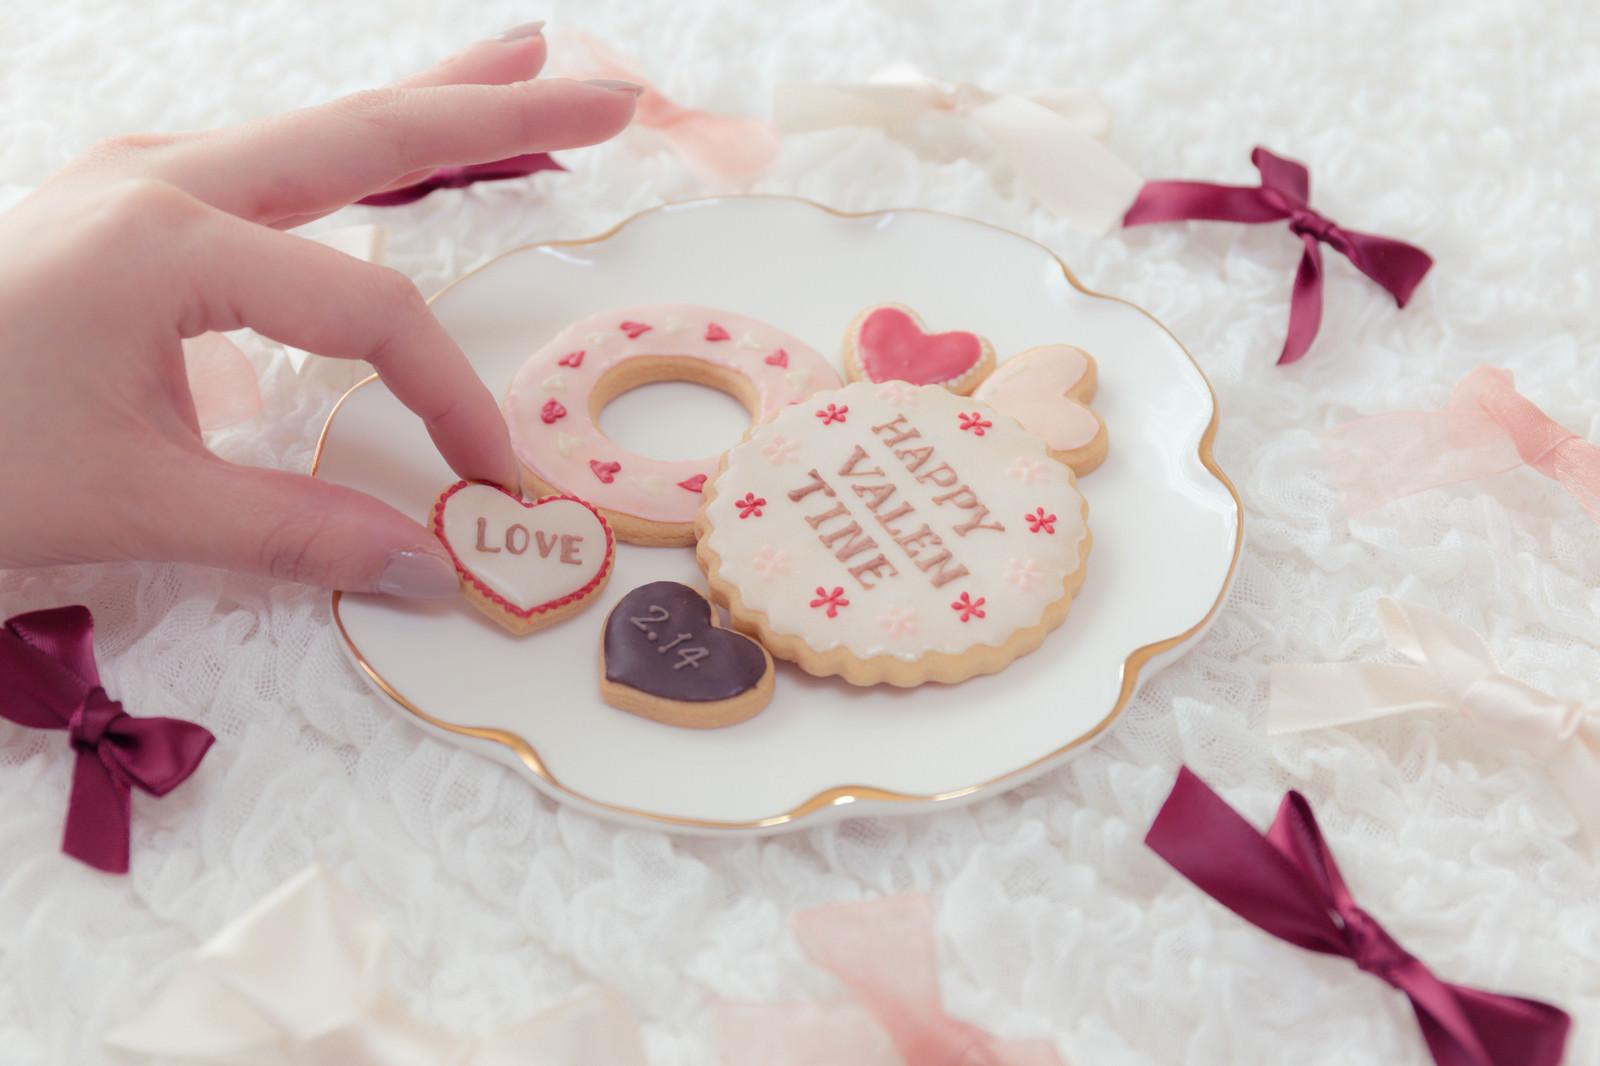 バレンタイン「LOVE」クッキーのフリー素材